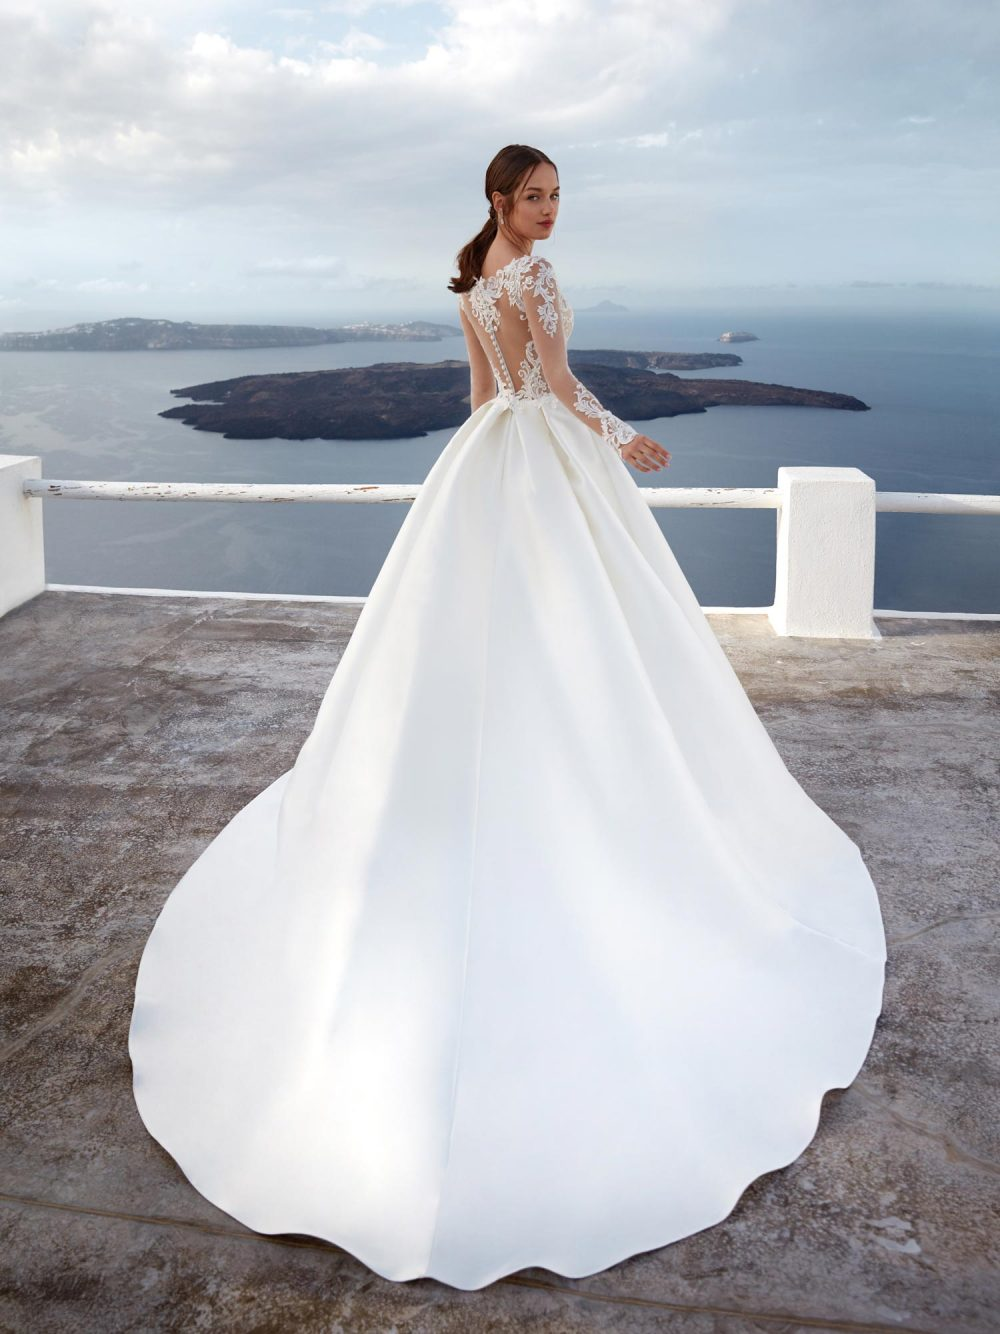 Jolies 2022 abito vestito sposa Vicenza CRETA